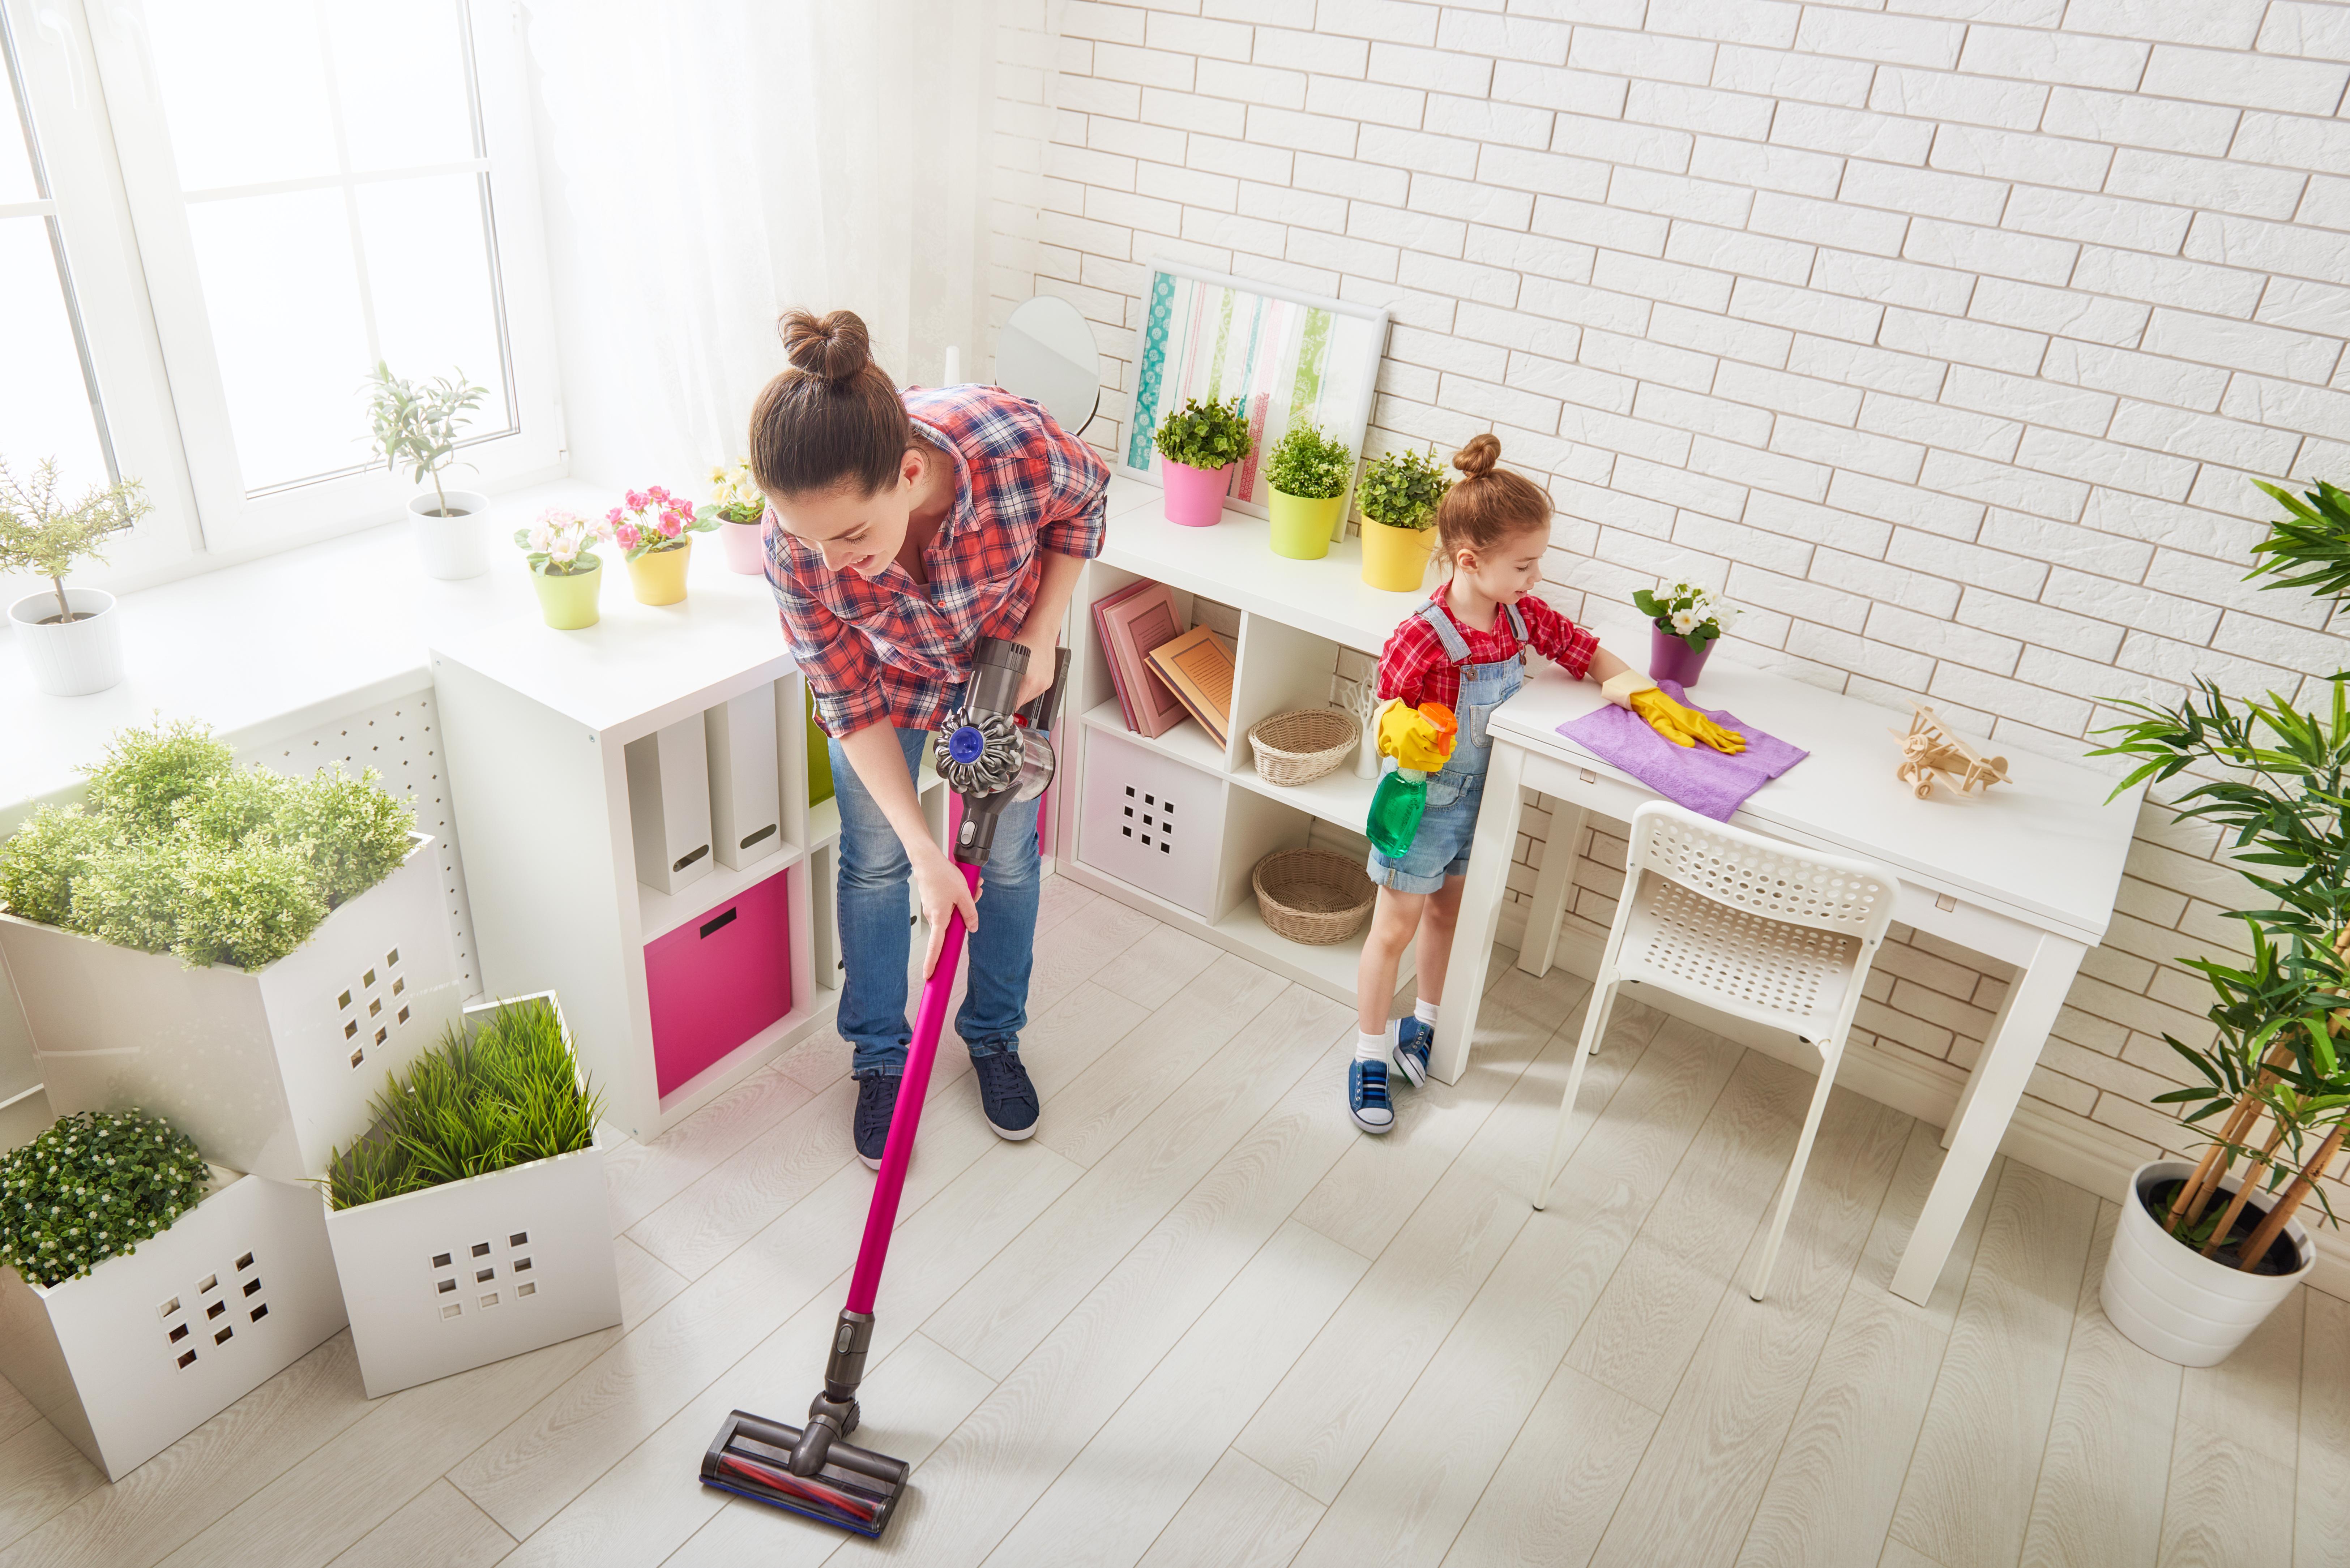 10 лайфхаков для уборки - как убираться намного реже, проще и быстрее